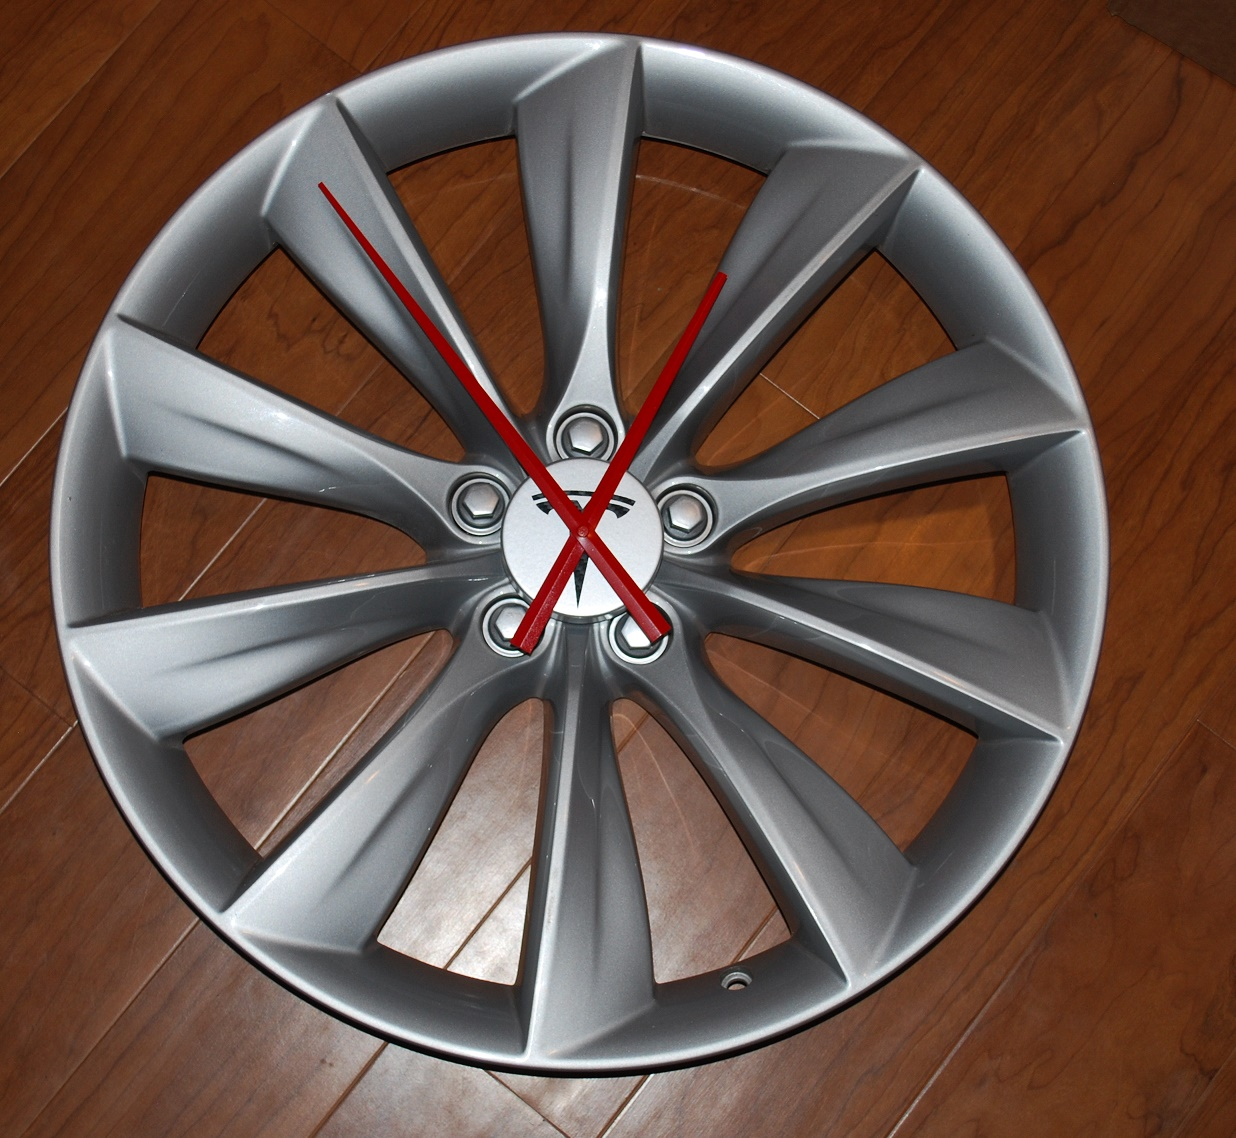 wheelclock21_2.jpg